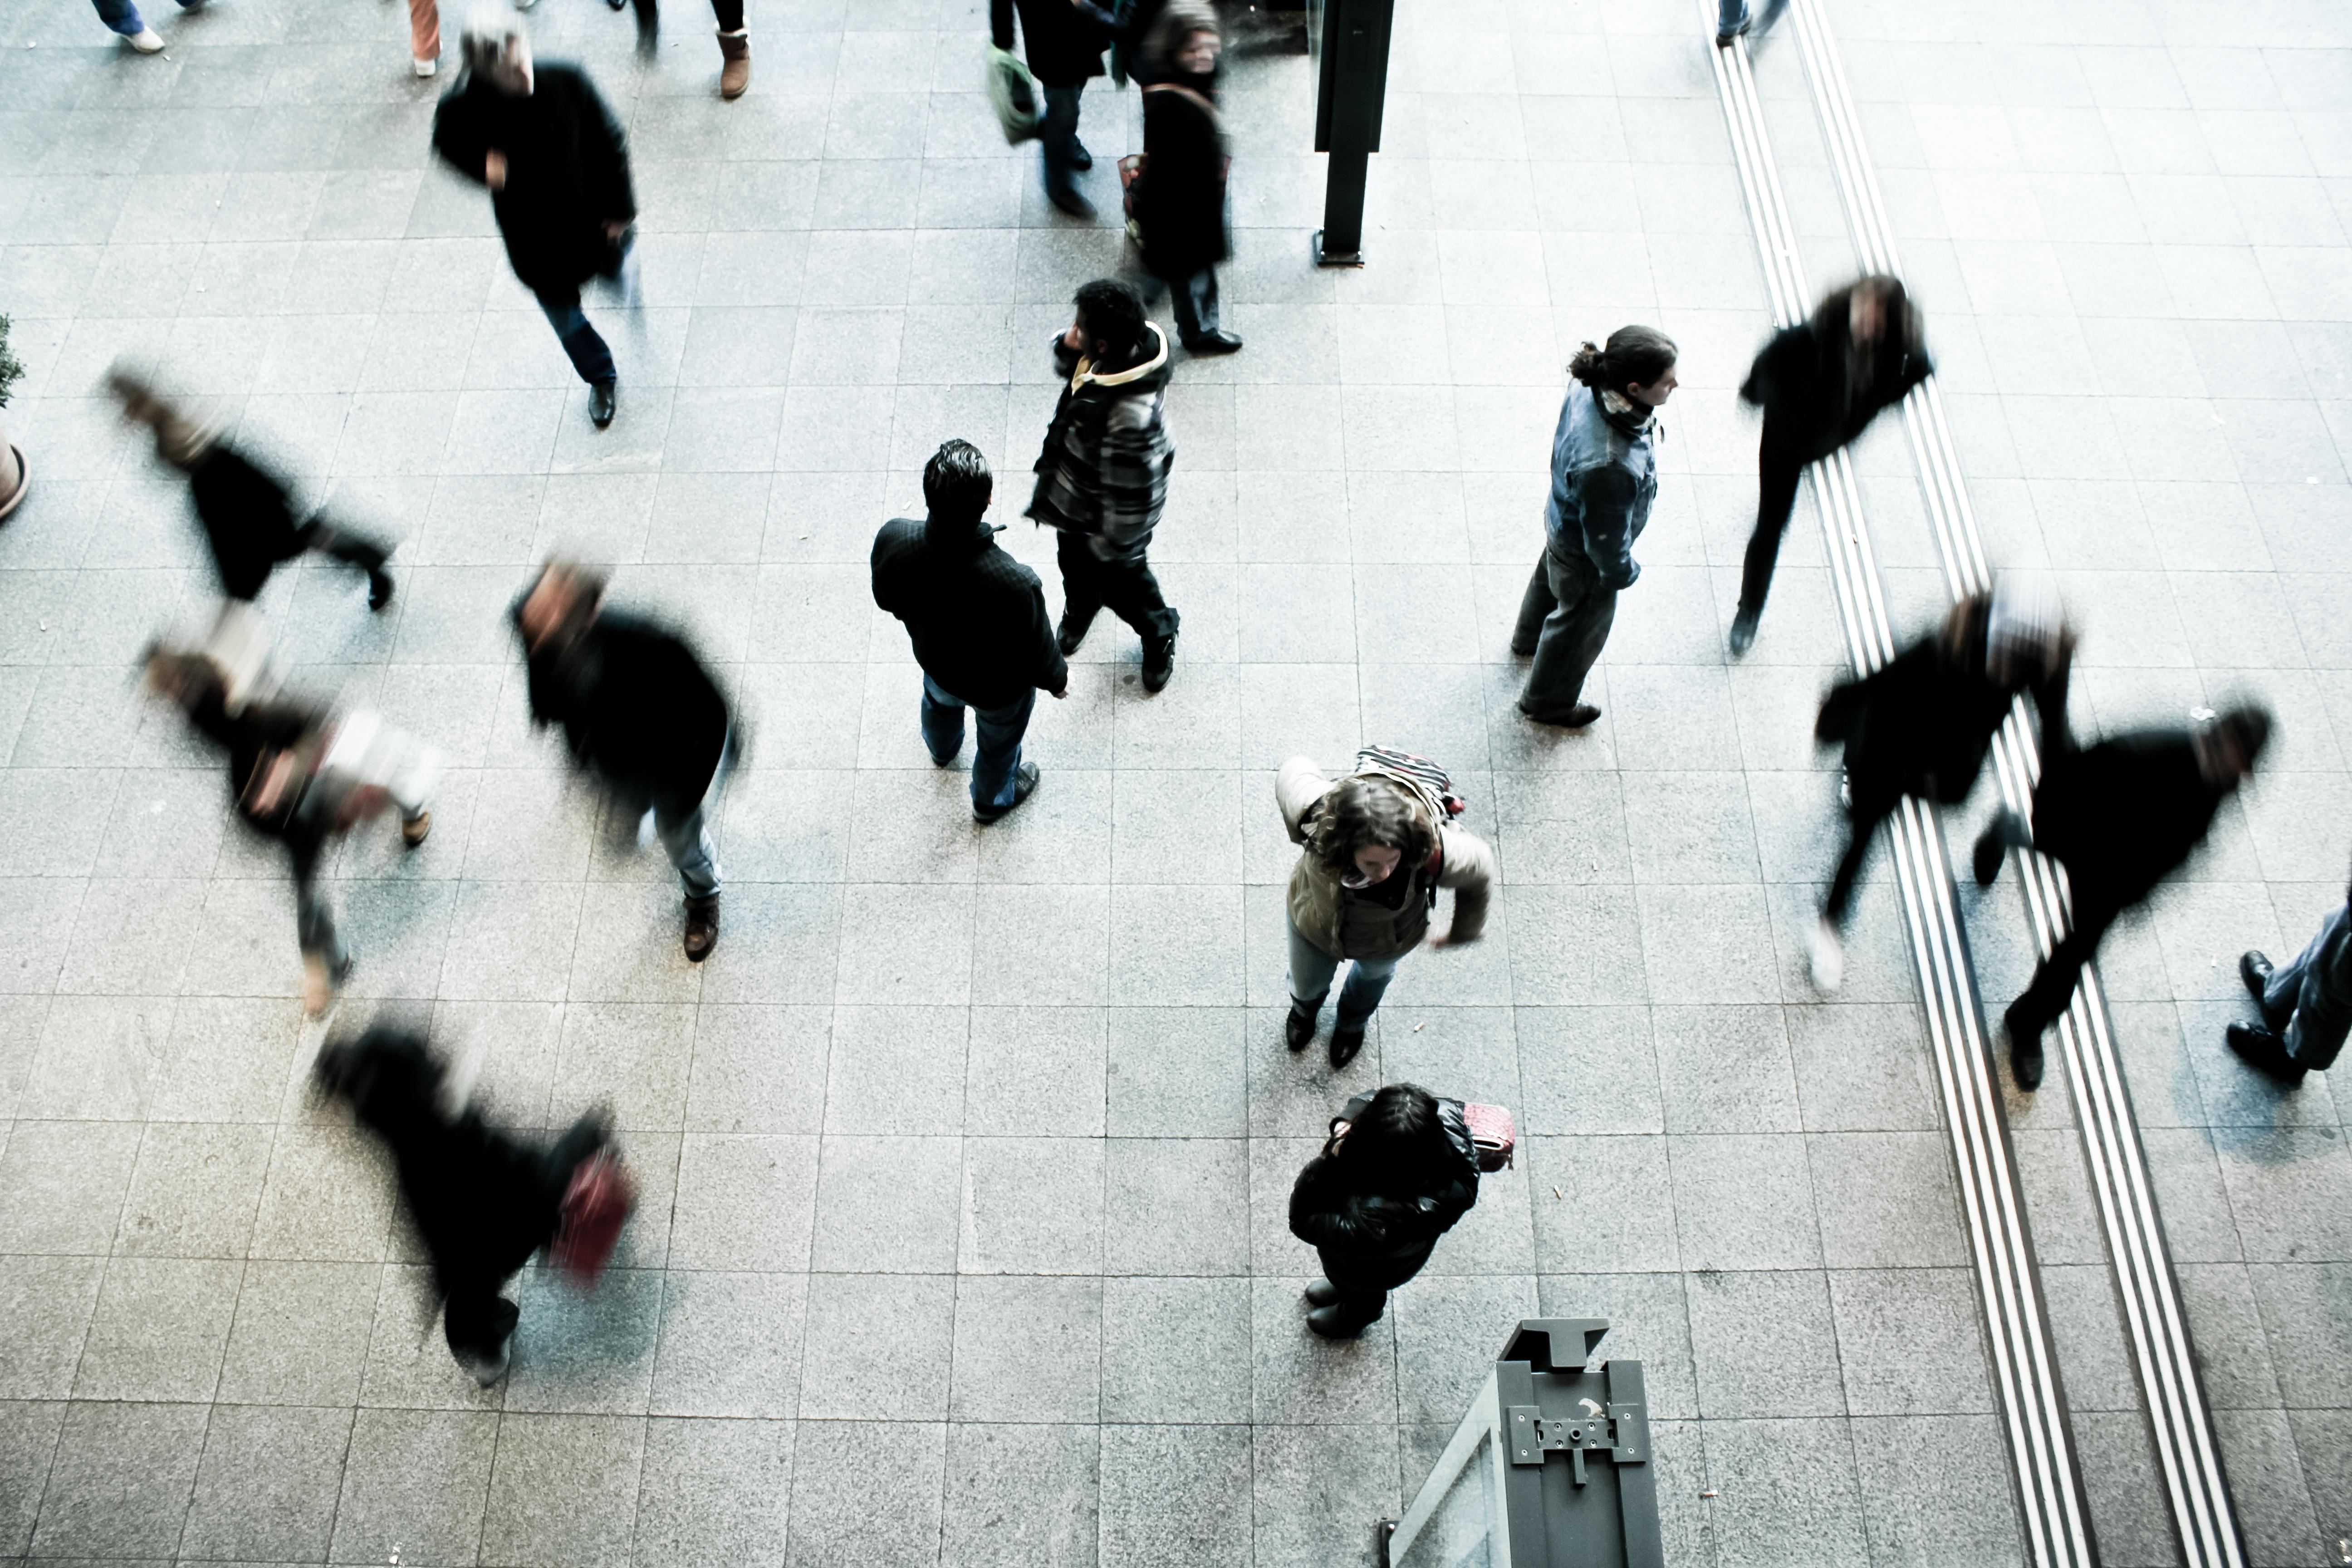 Menschen am Bahnhof Bern fotografiert von Timon Studler via Unsplash